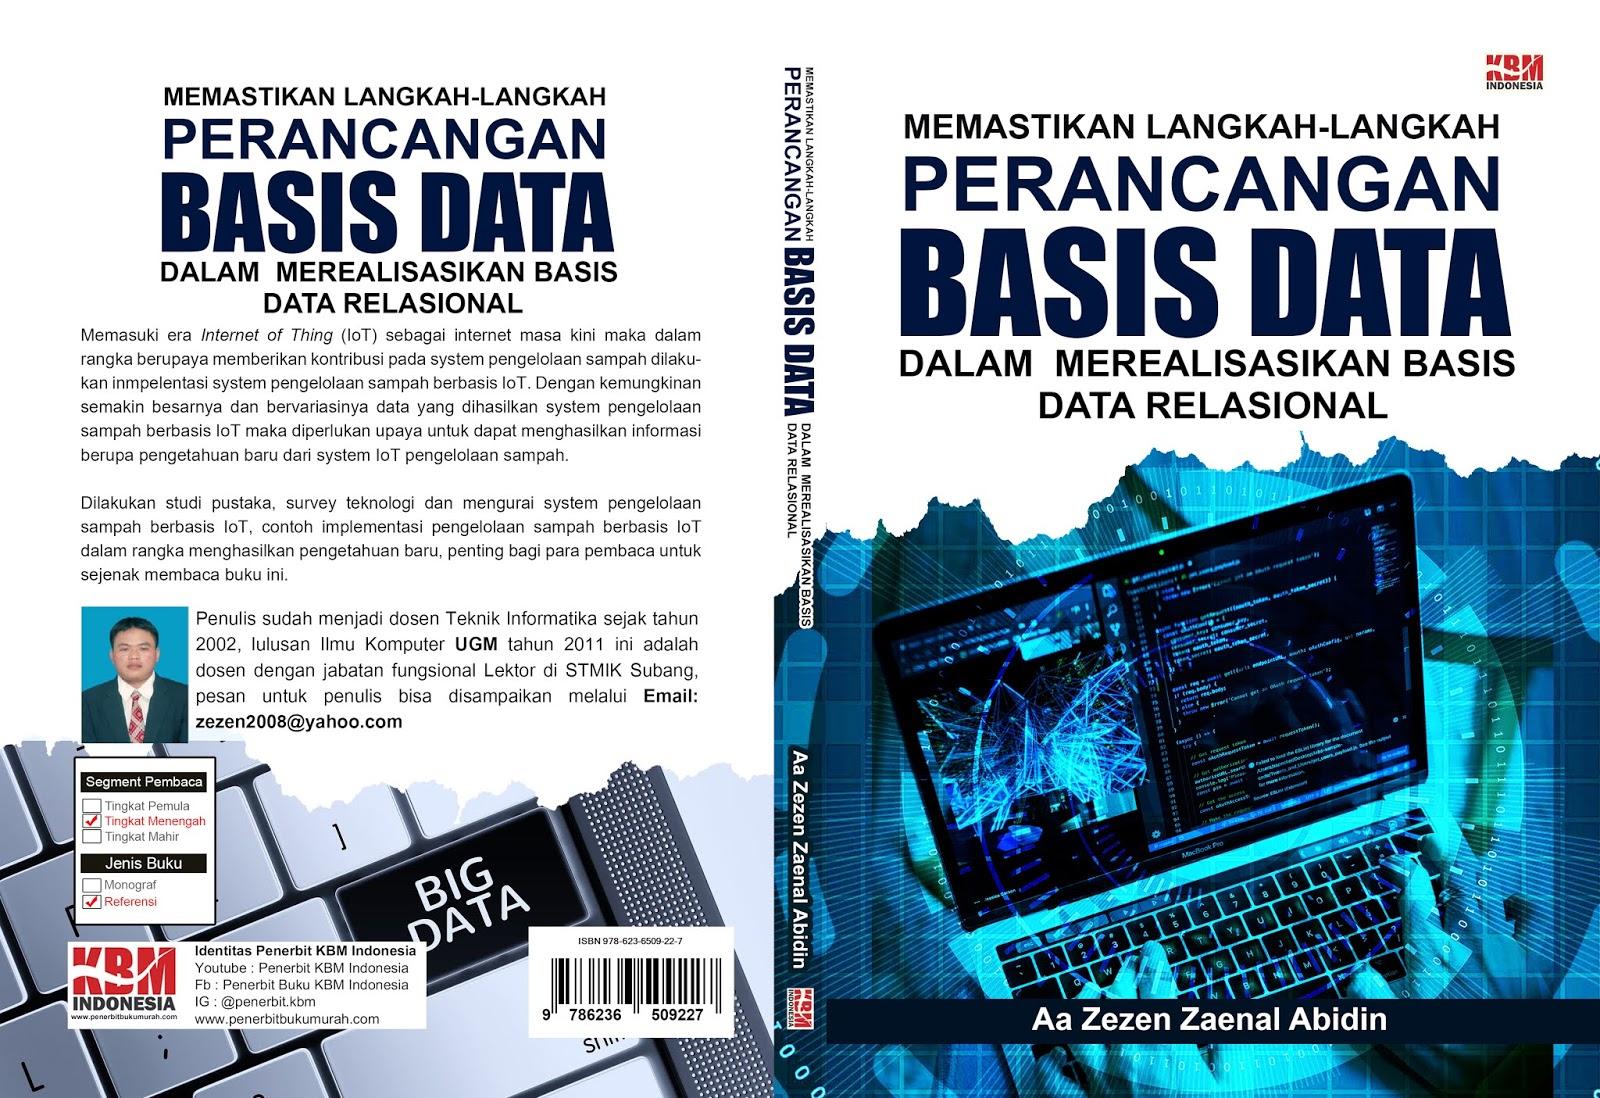 MEMASTIKAN LANGKAH-LANGKAH PERANCANGAN BASIS DATA DALAM  MEREALISASIKAN BASIS DATA RELASIONAL